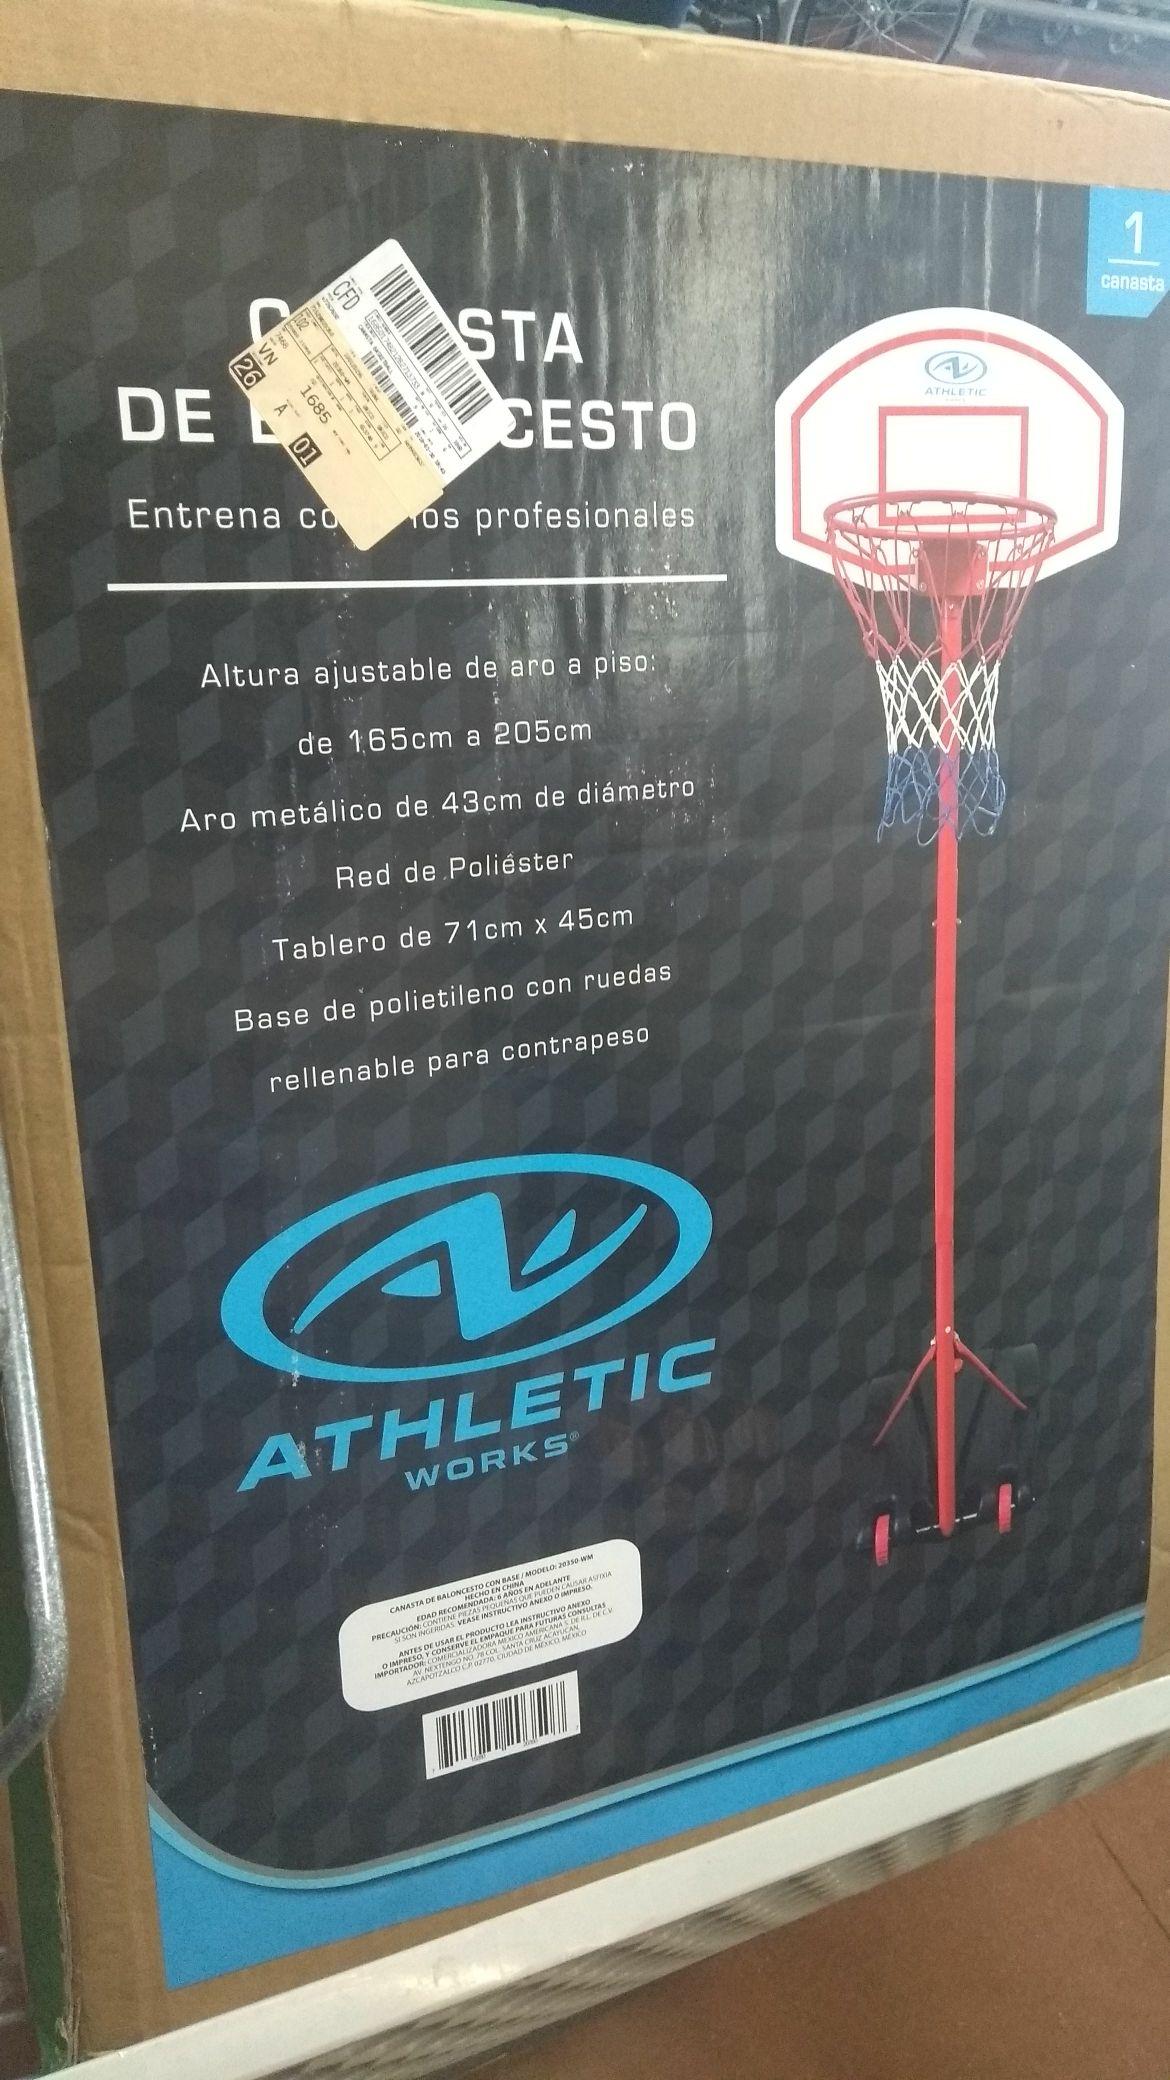 Walmart cd del Carmen: Canasta basket ball a $349.02